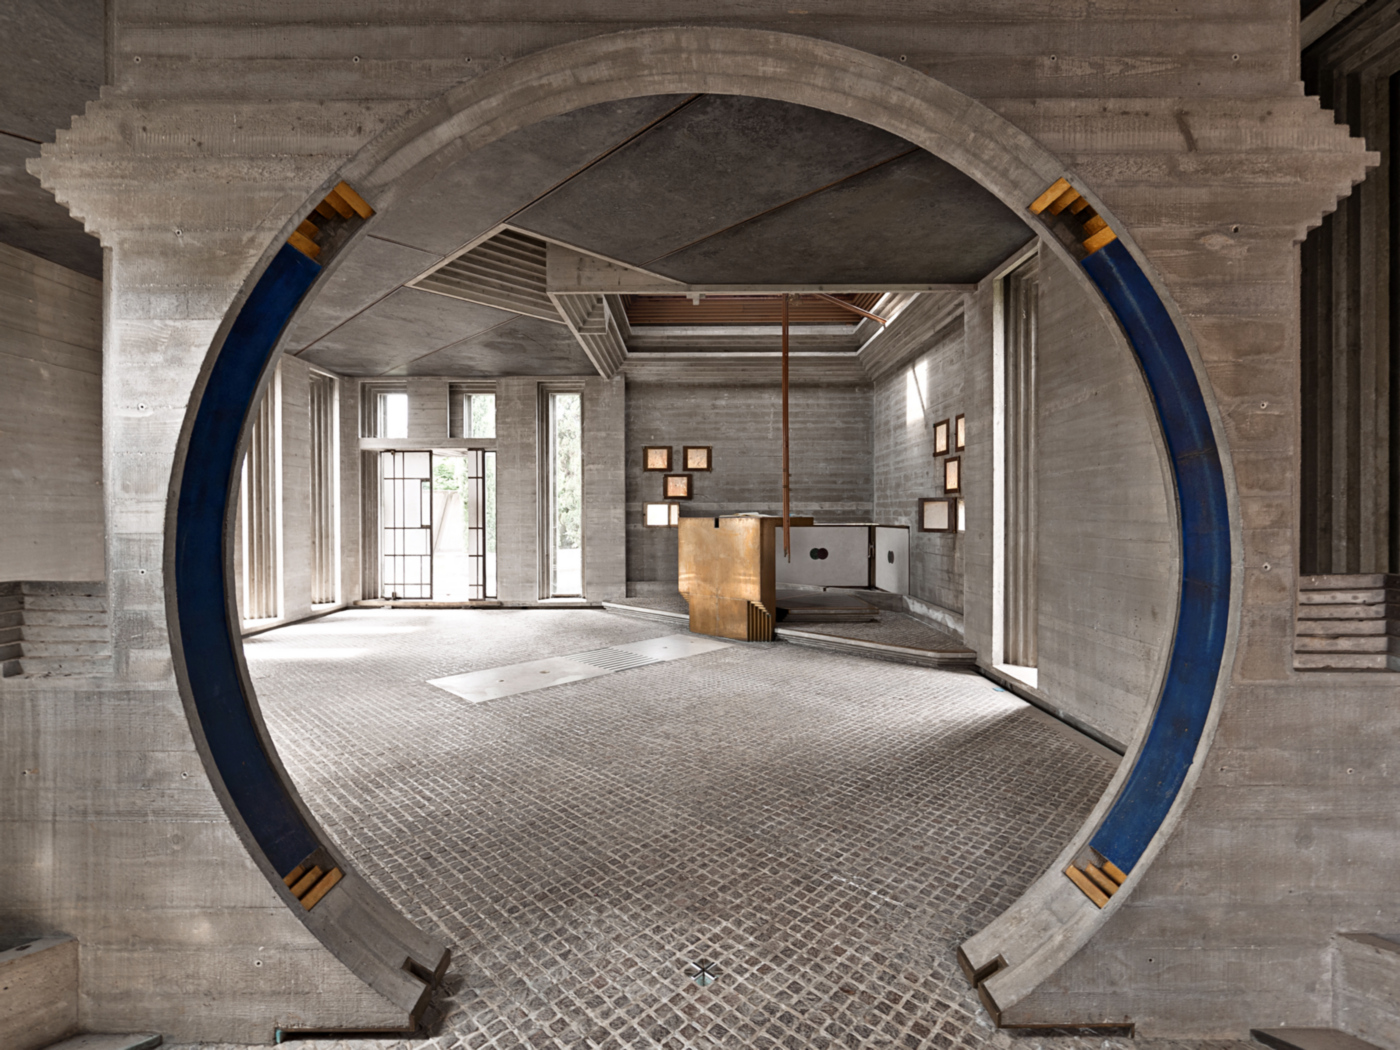 La Tomba Brion di Carlo Scarpa nelle fotografie di Carlo Deregibus | isola terza